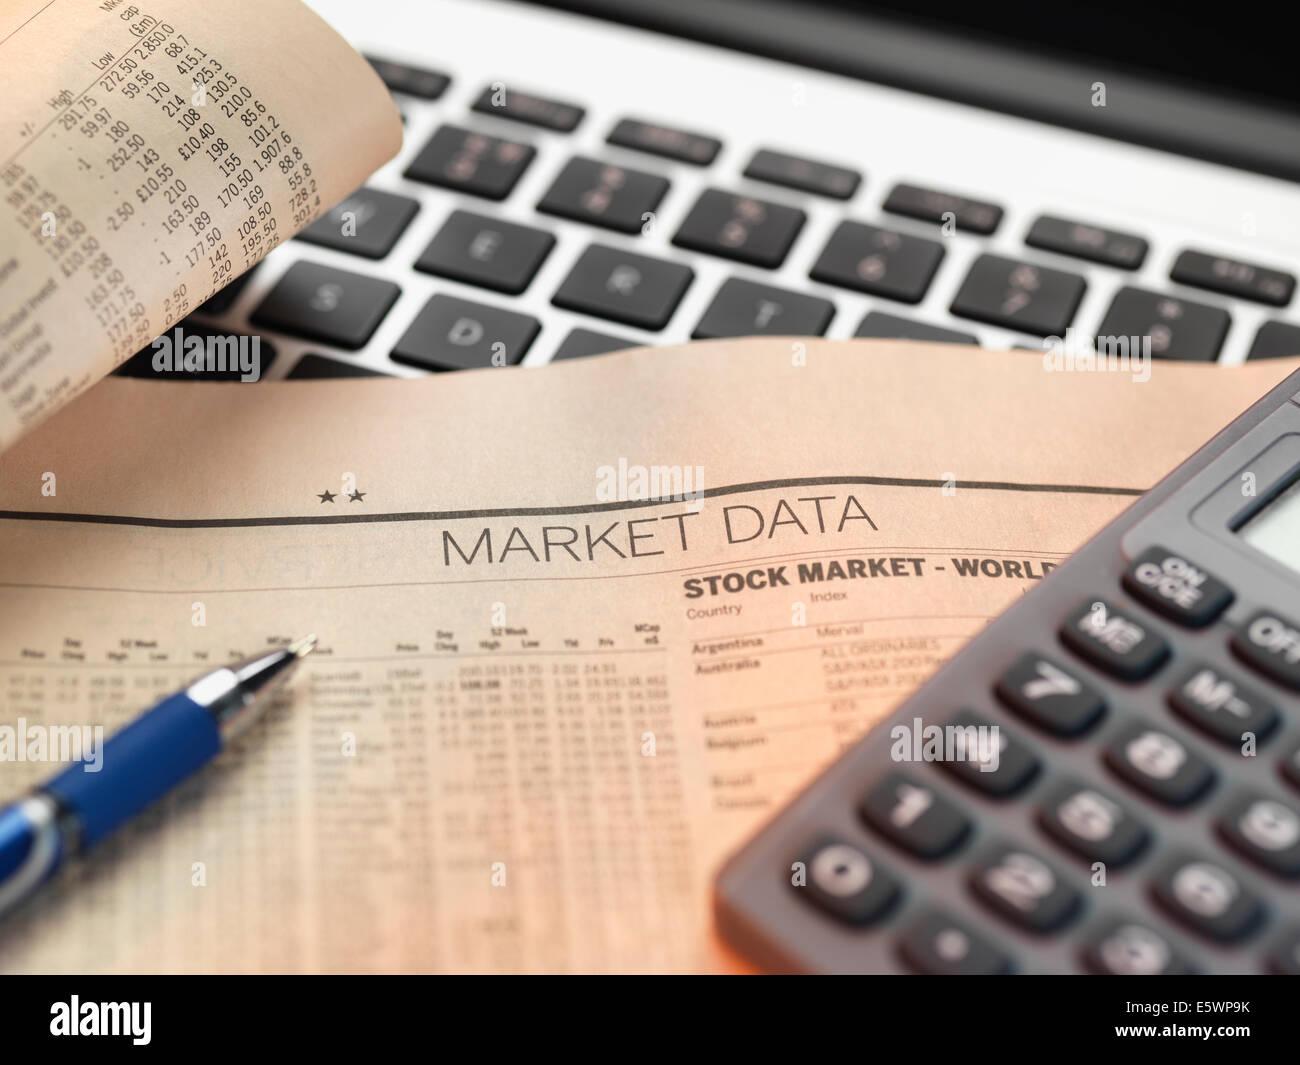 Finanzdienstleistungen, Anzeigen der Finanzmärkte zu investieren Stockfoto